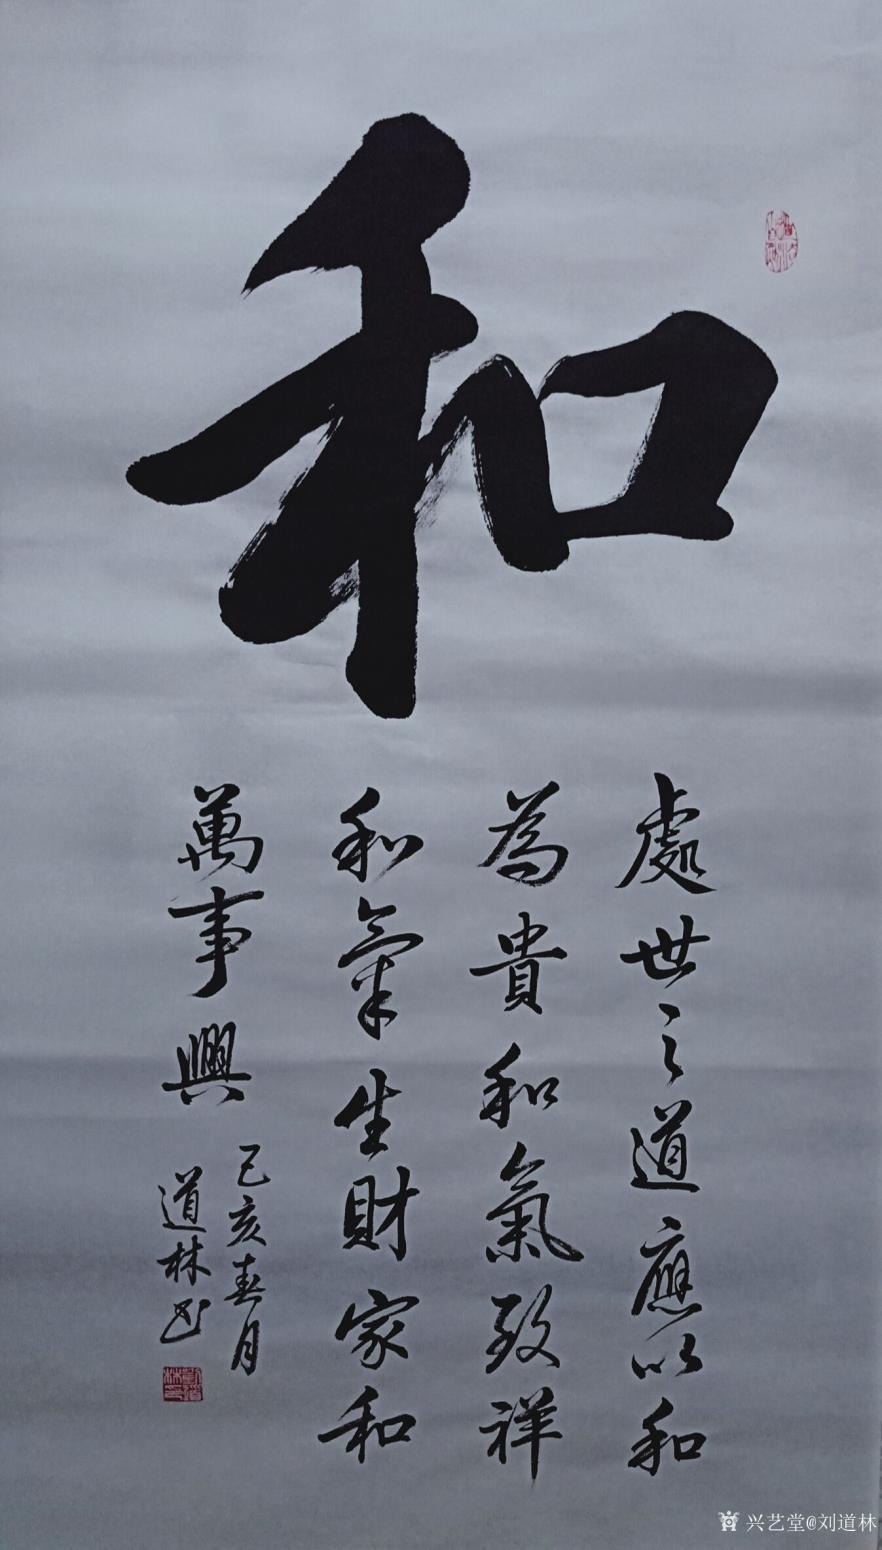 刘道林书法作品《和》